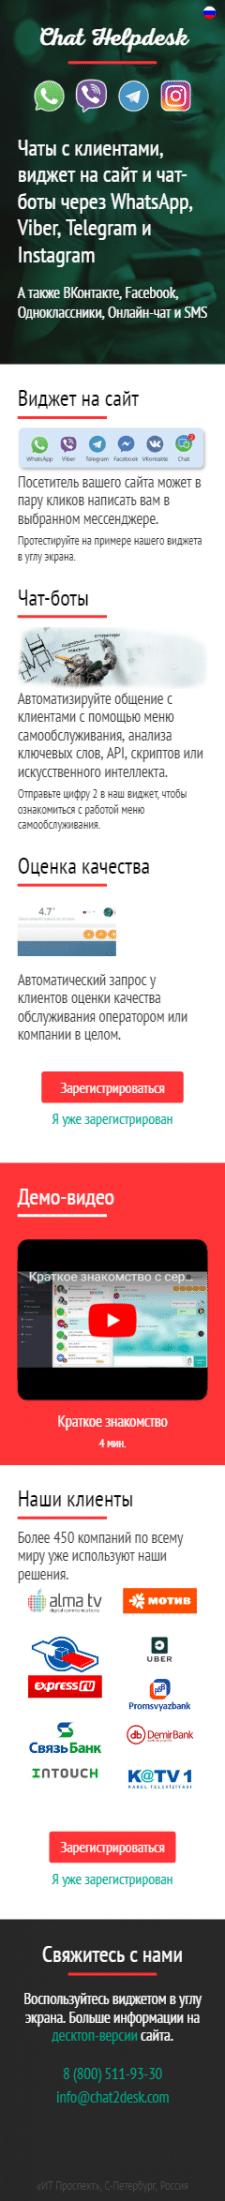 Мобильная версия сайта chat2desk